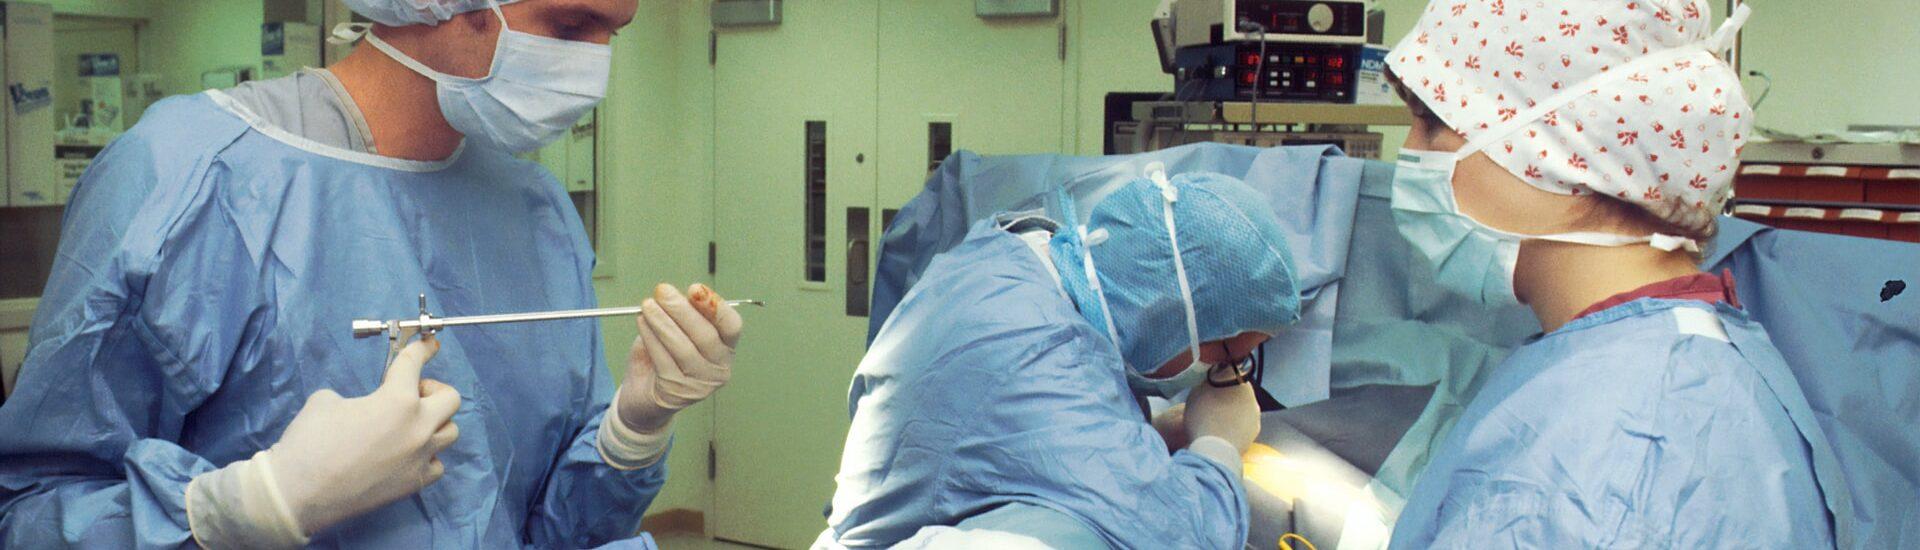 Η πανδημία έχει καταστροφικές συνέπειες στους καρκινοπαθείς και τους ψυχικά πάσχοντες